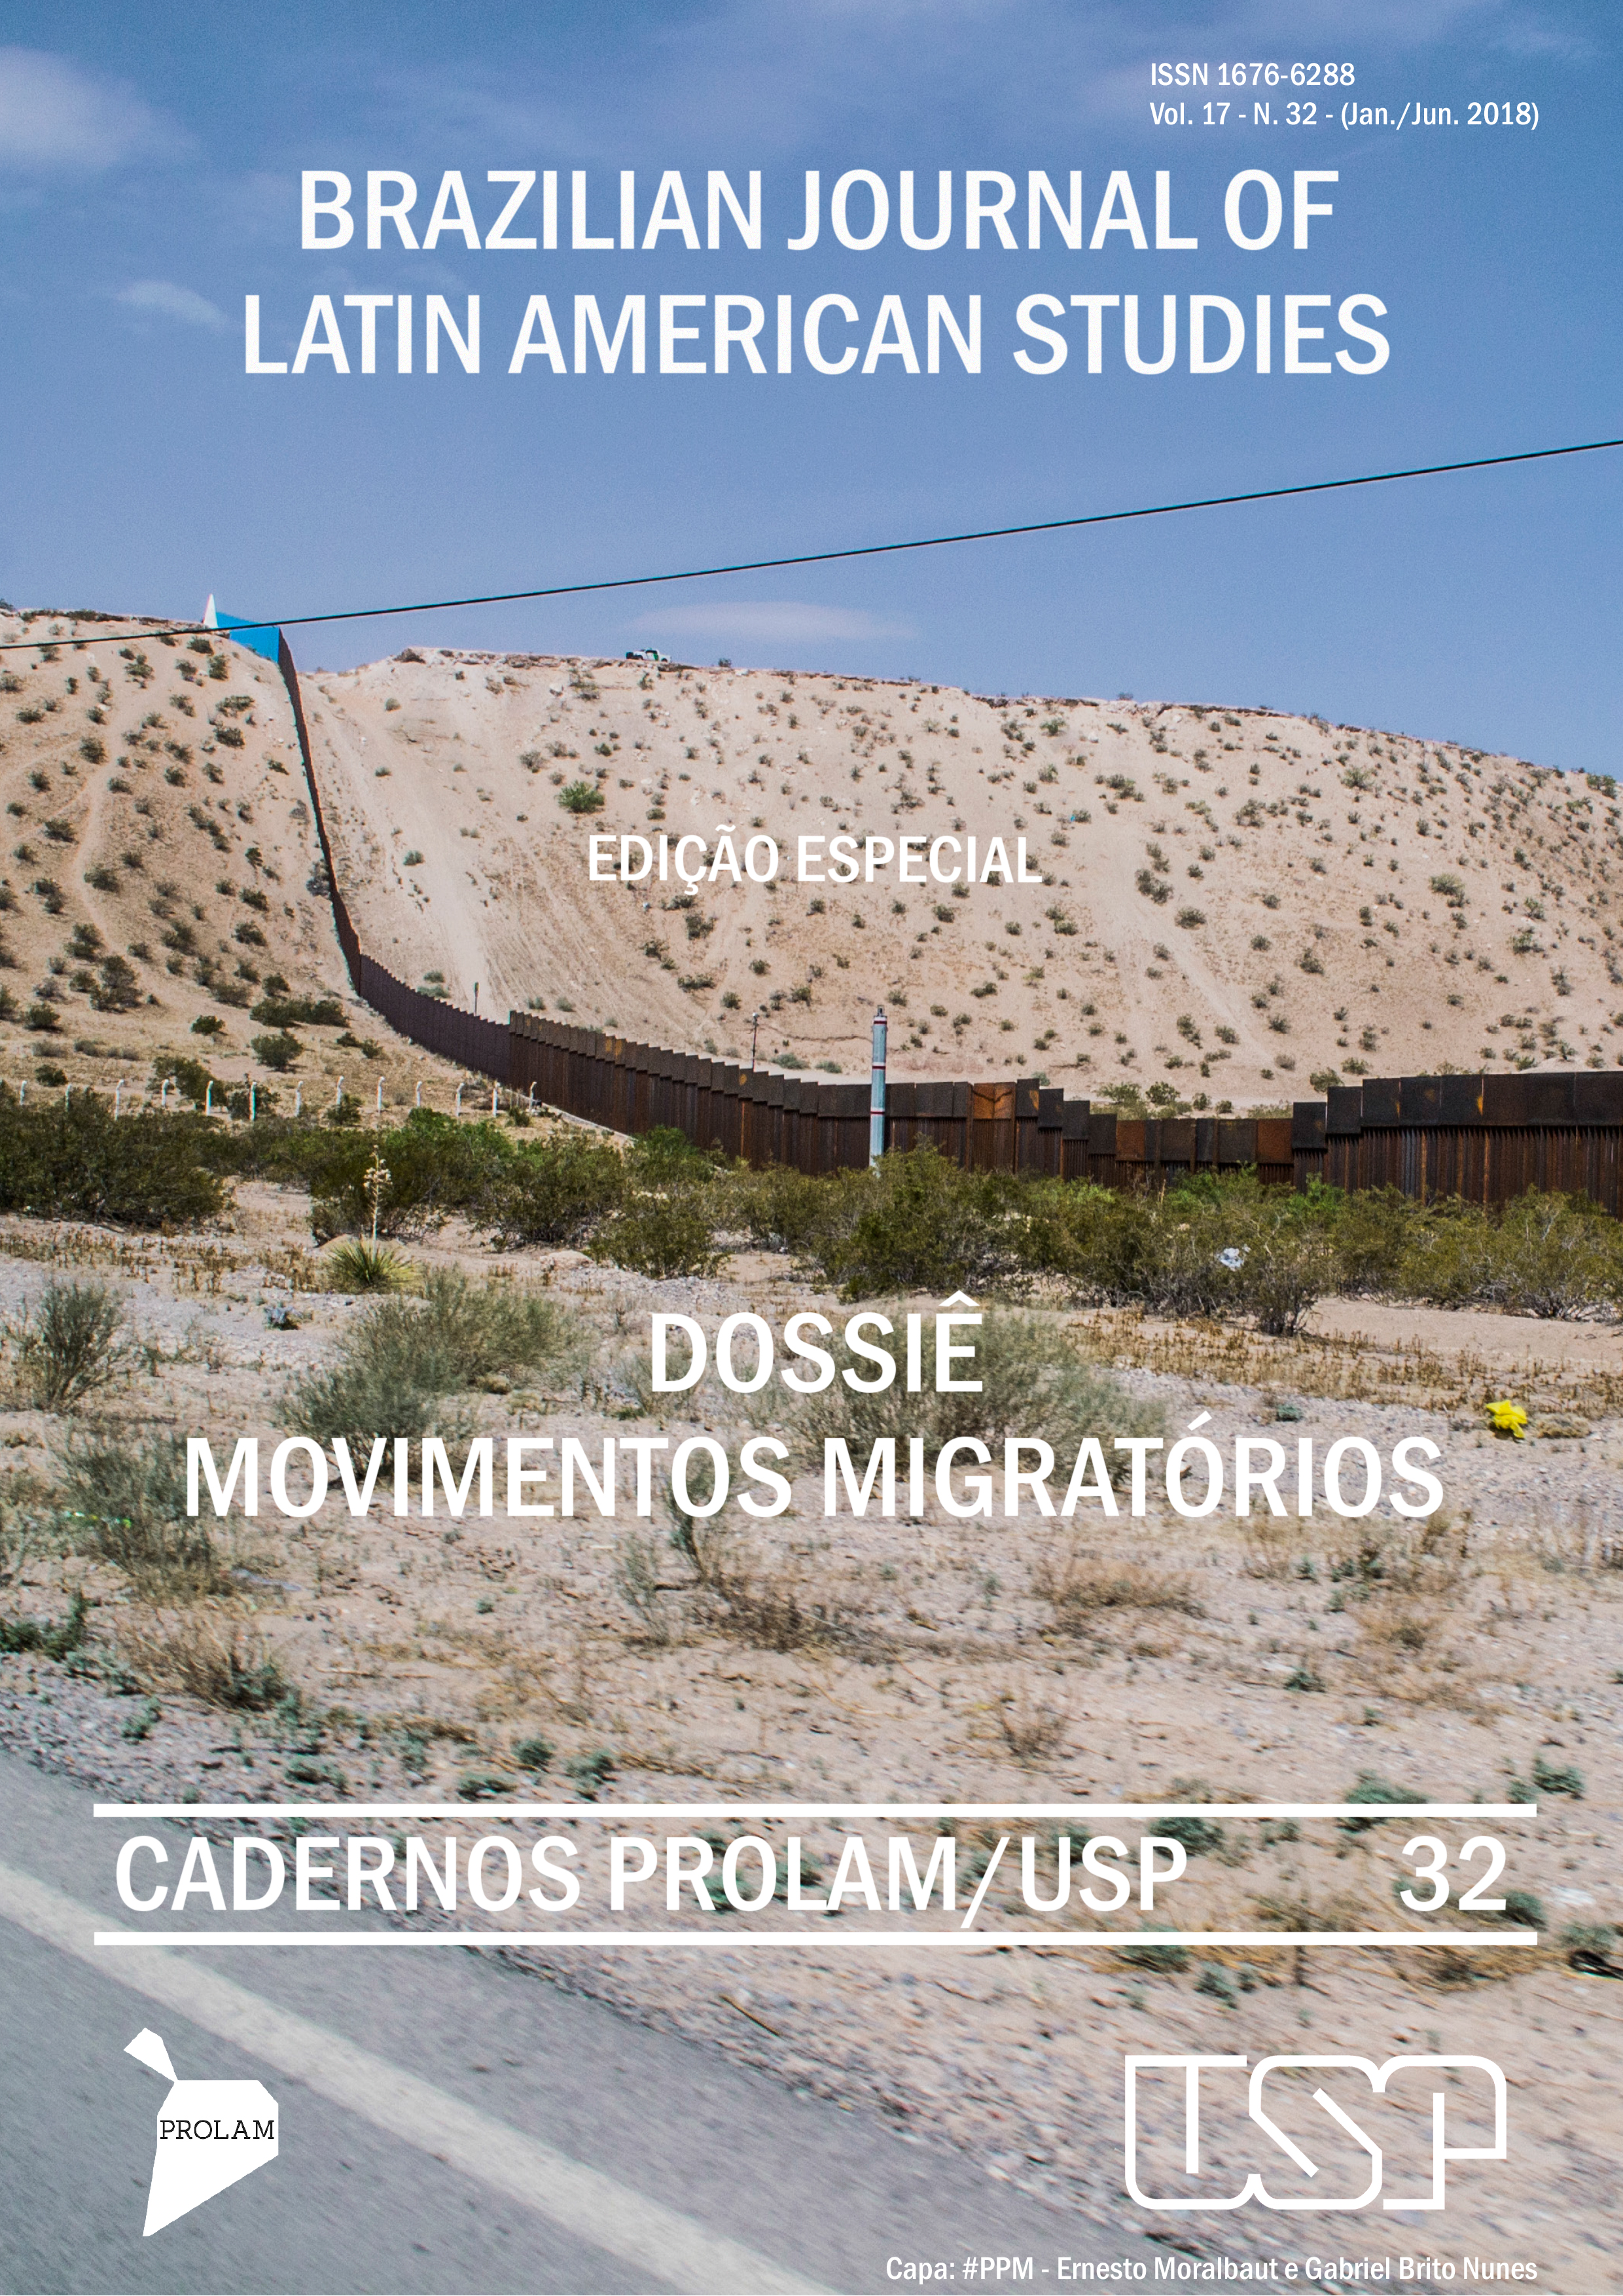 Brazilian Journal of Latin American Studies. Edição Especial. Dossiê Movimentos Migratórios. Cadernos Prolam/USP. 32.